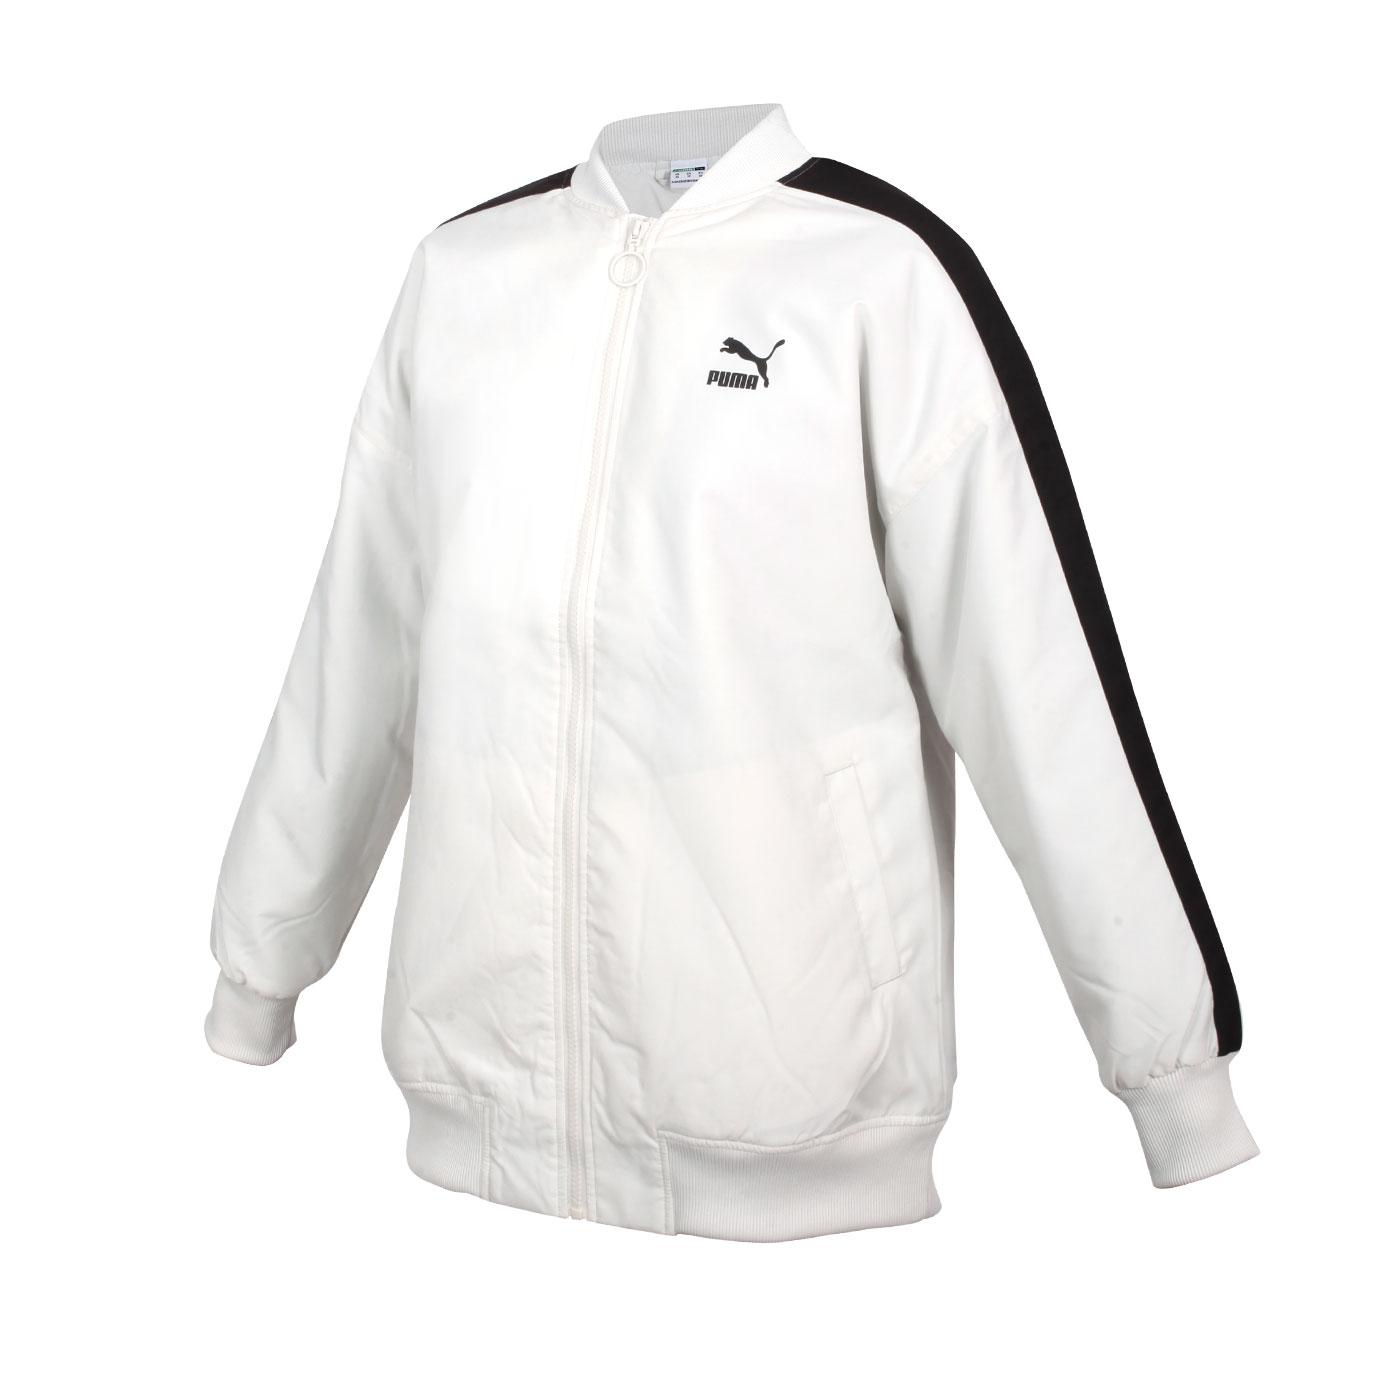 PUMA 女款立領棒球外套 53027505 - 米白黑